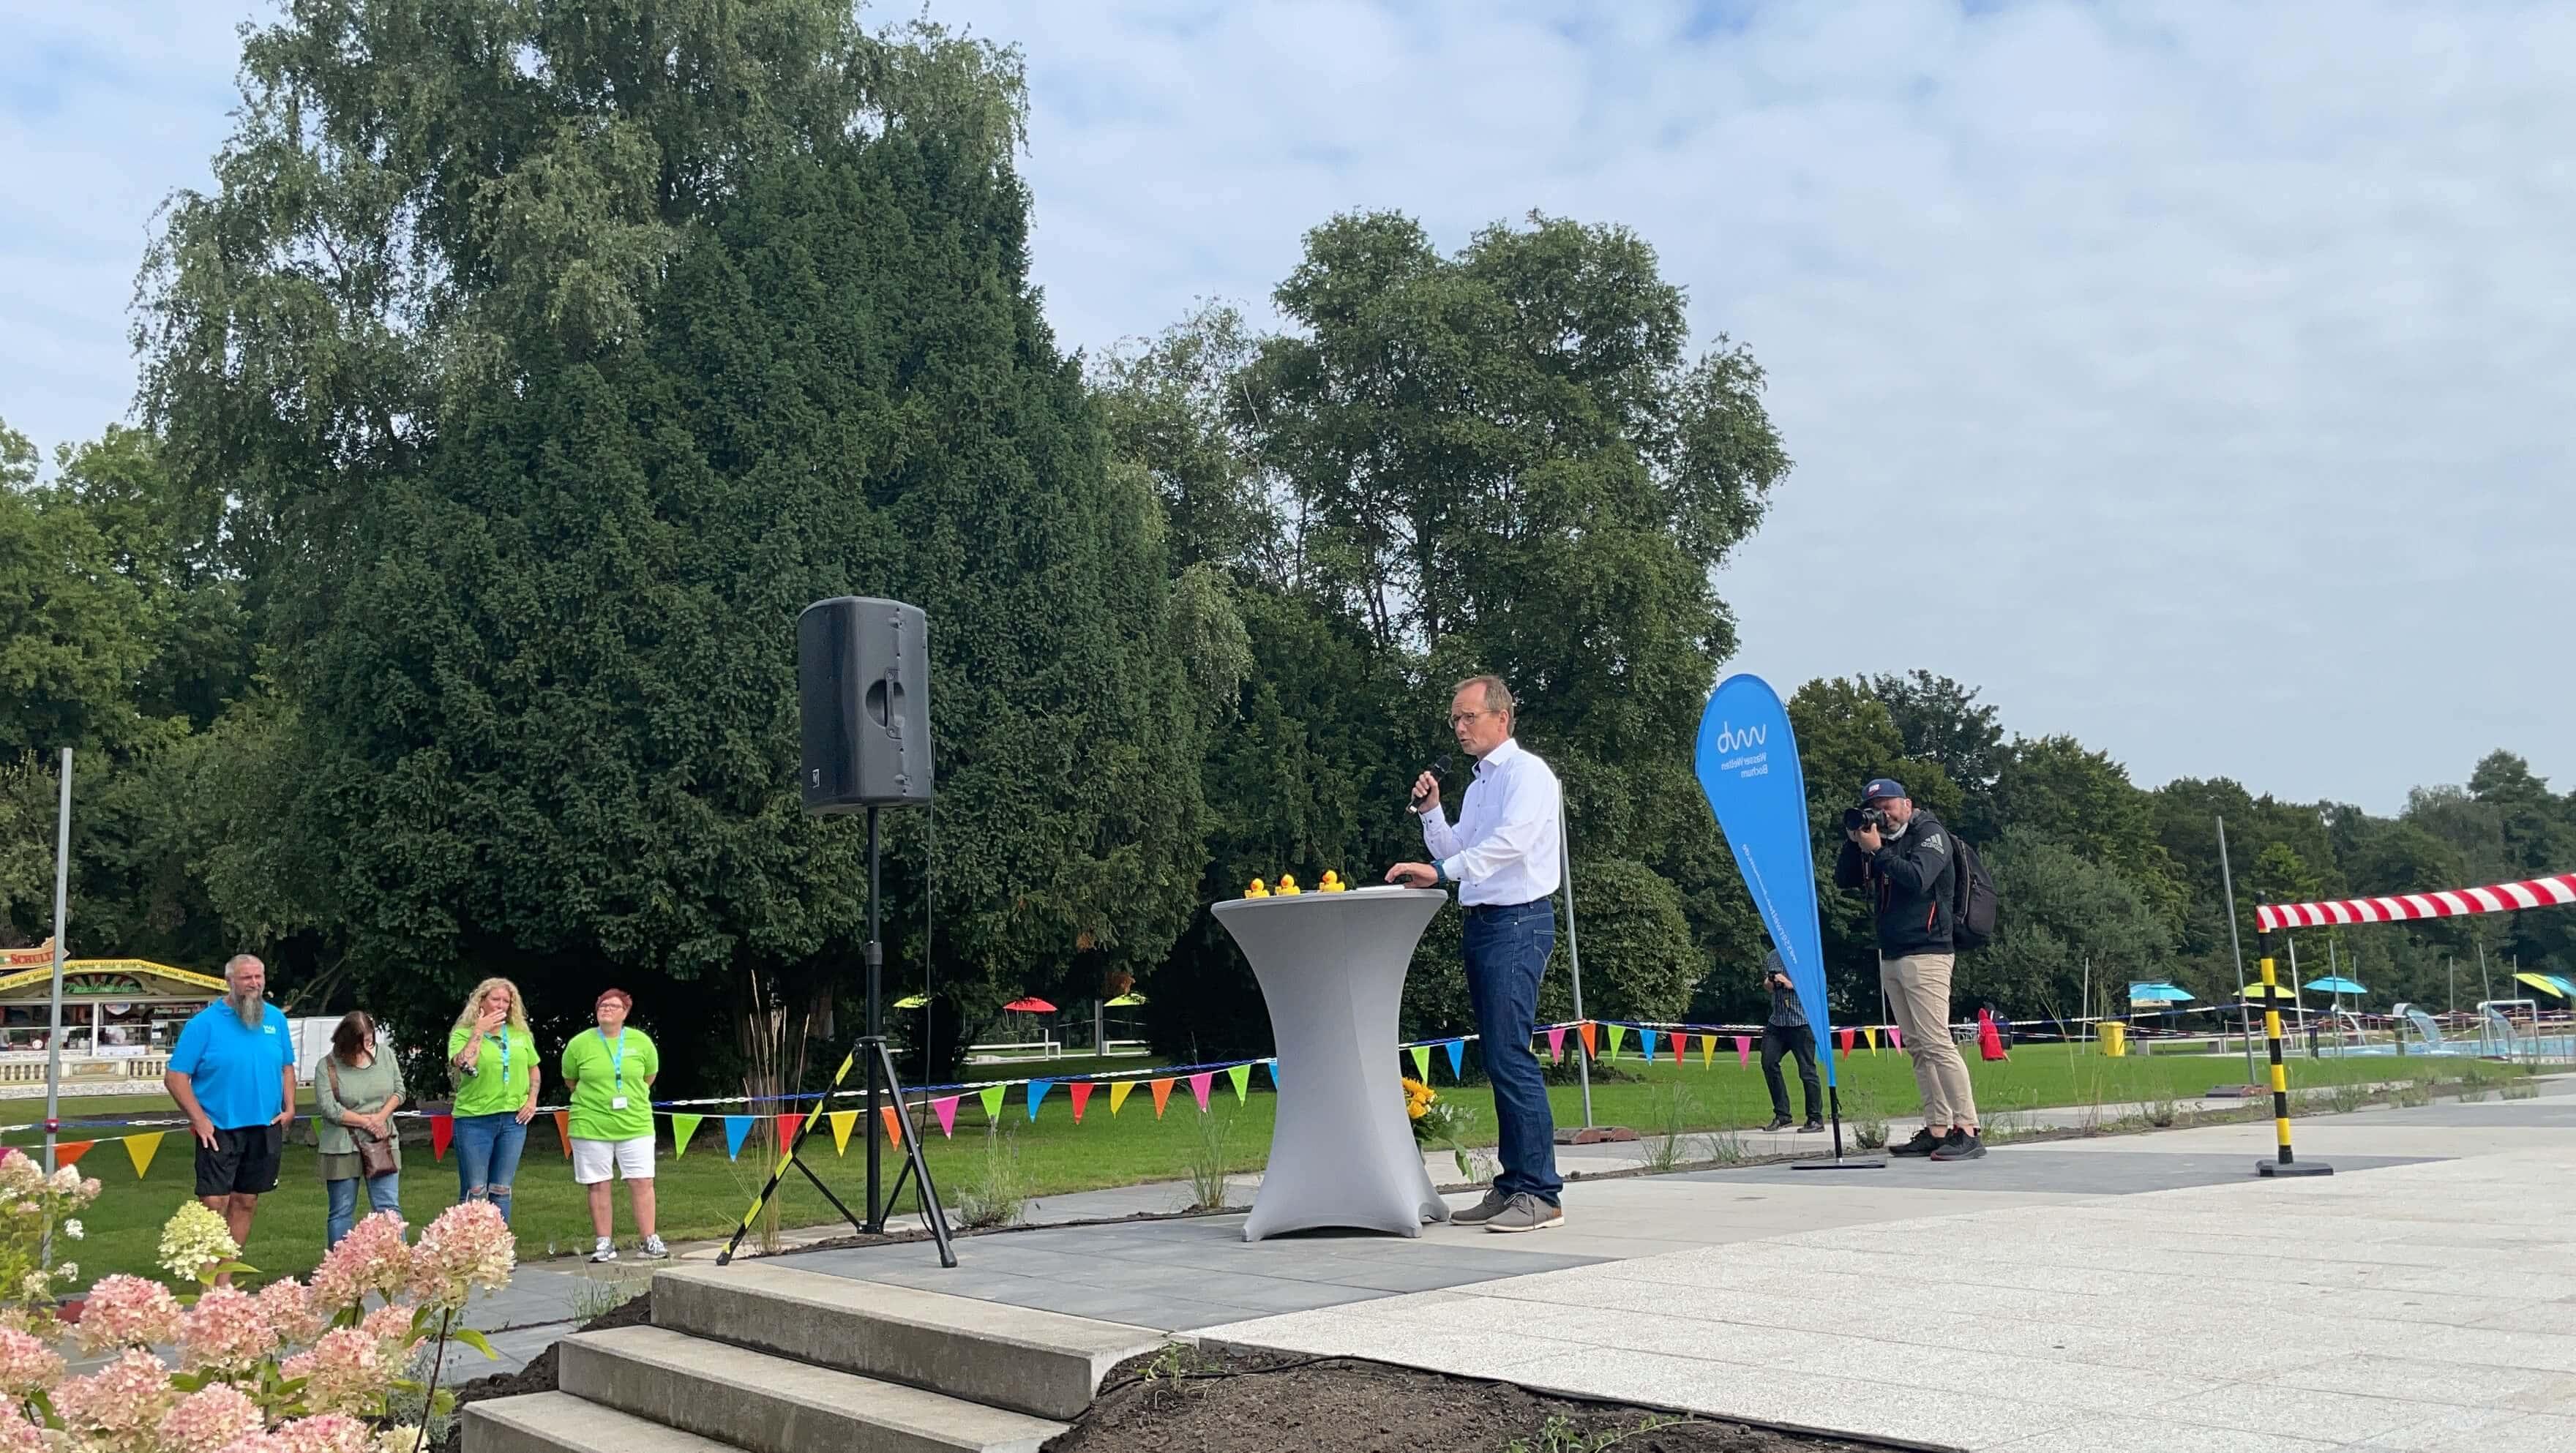 Freibad Werne (WasserWelten Bochum): Holger Rost, Geschäftsführer der WasserWelten Bochum